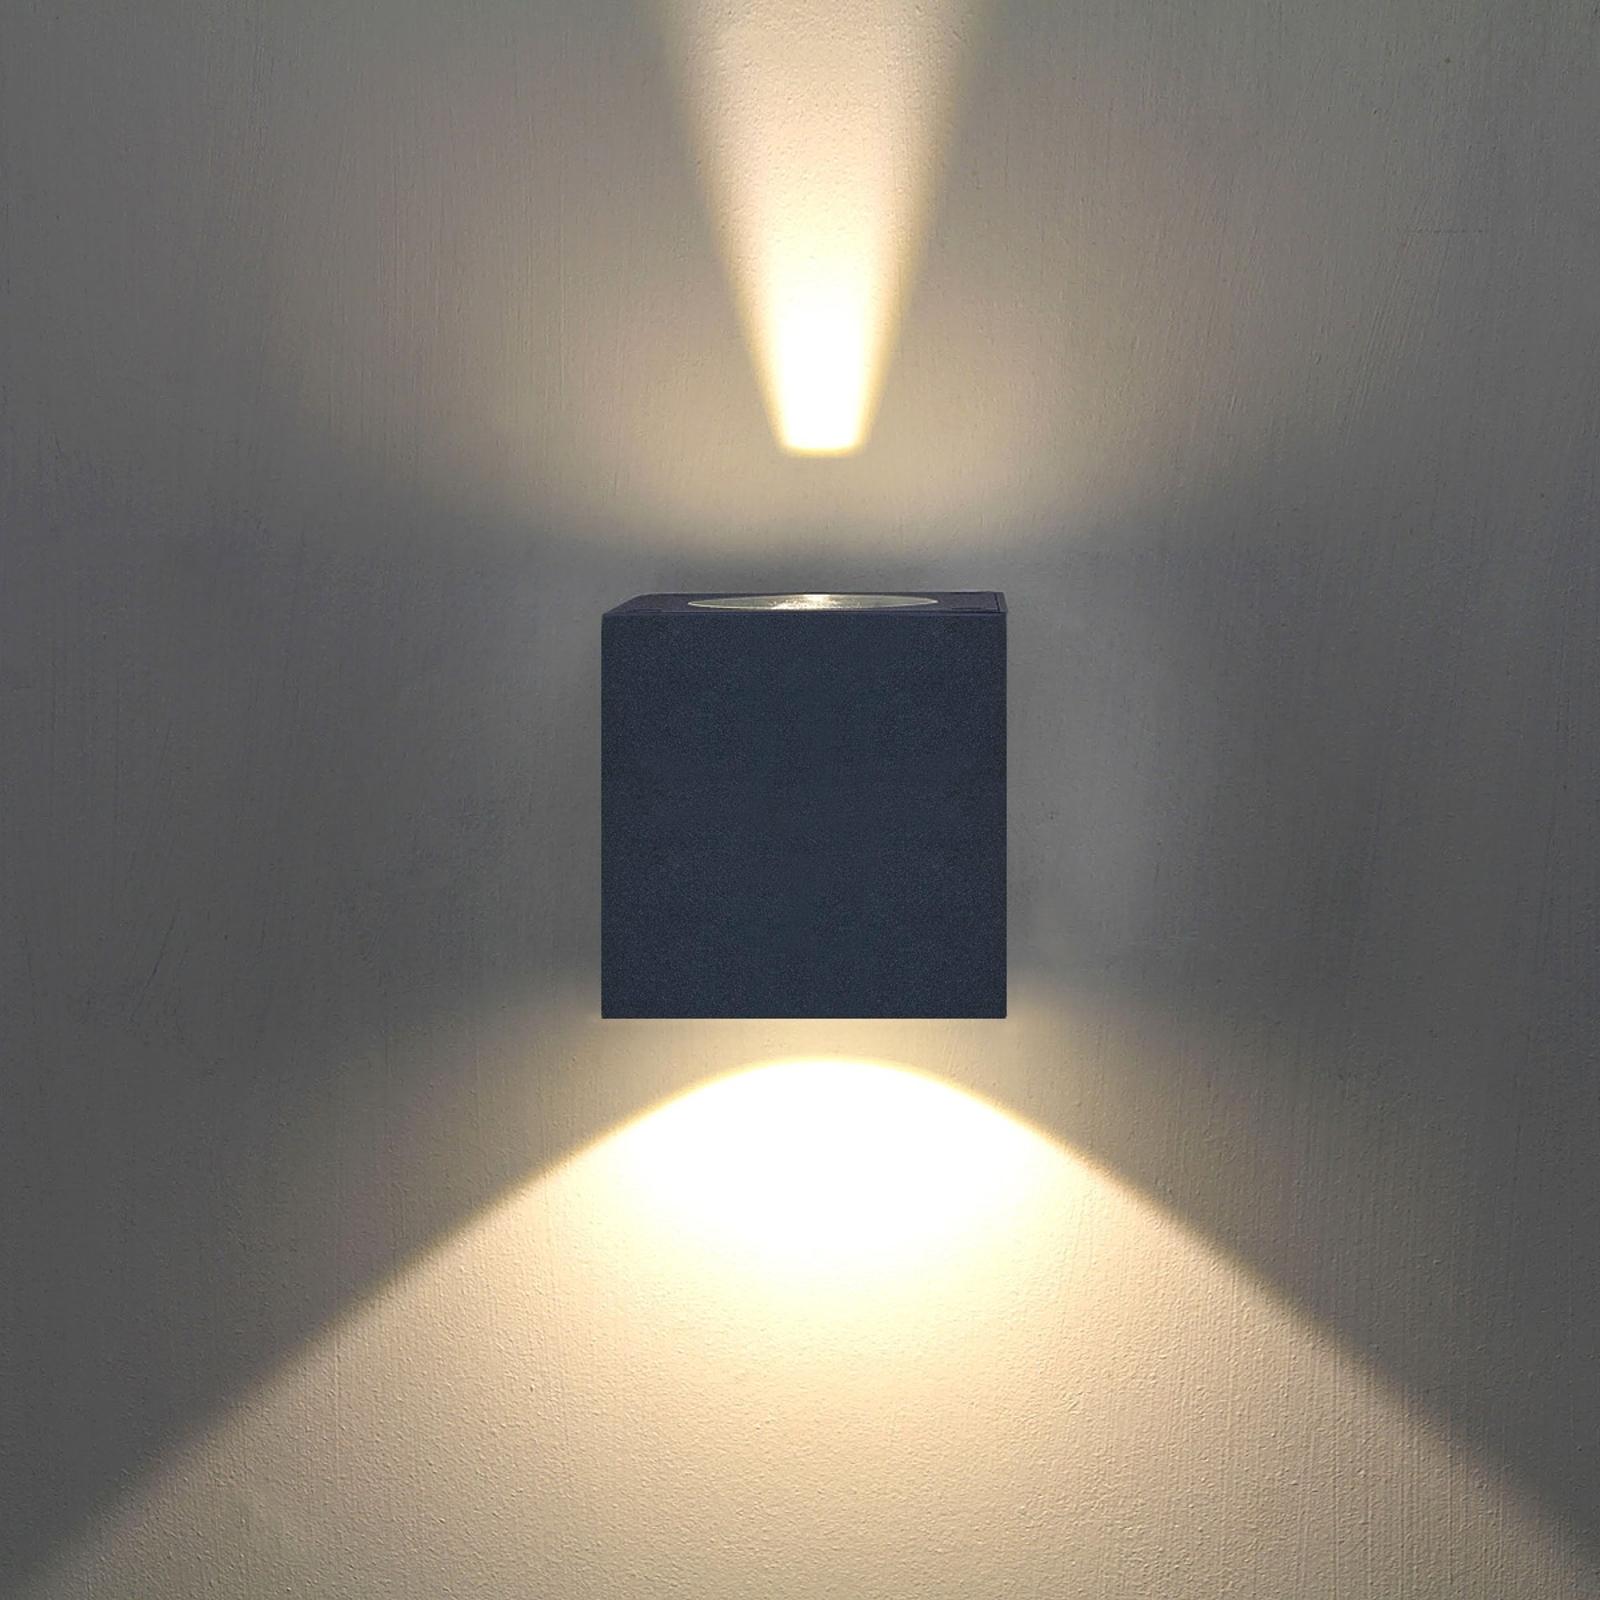 LED udendørs væglampe Jarno, grafit